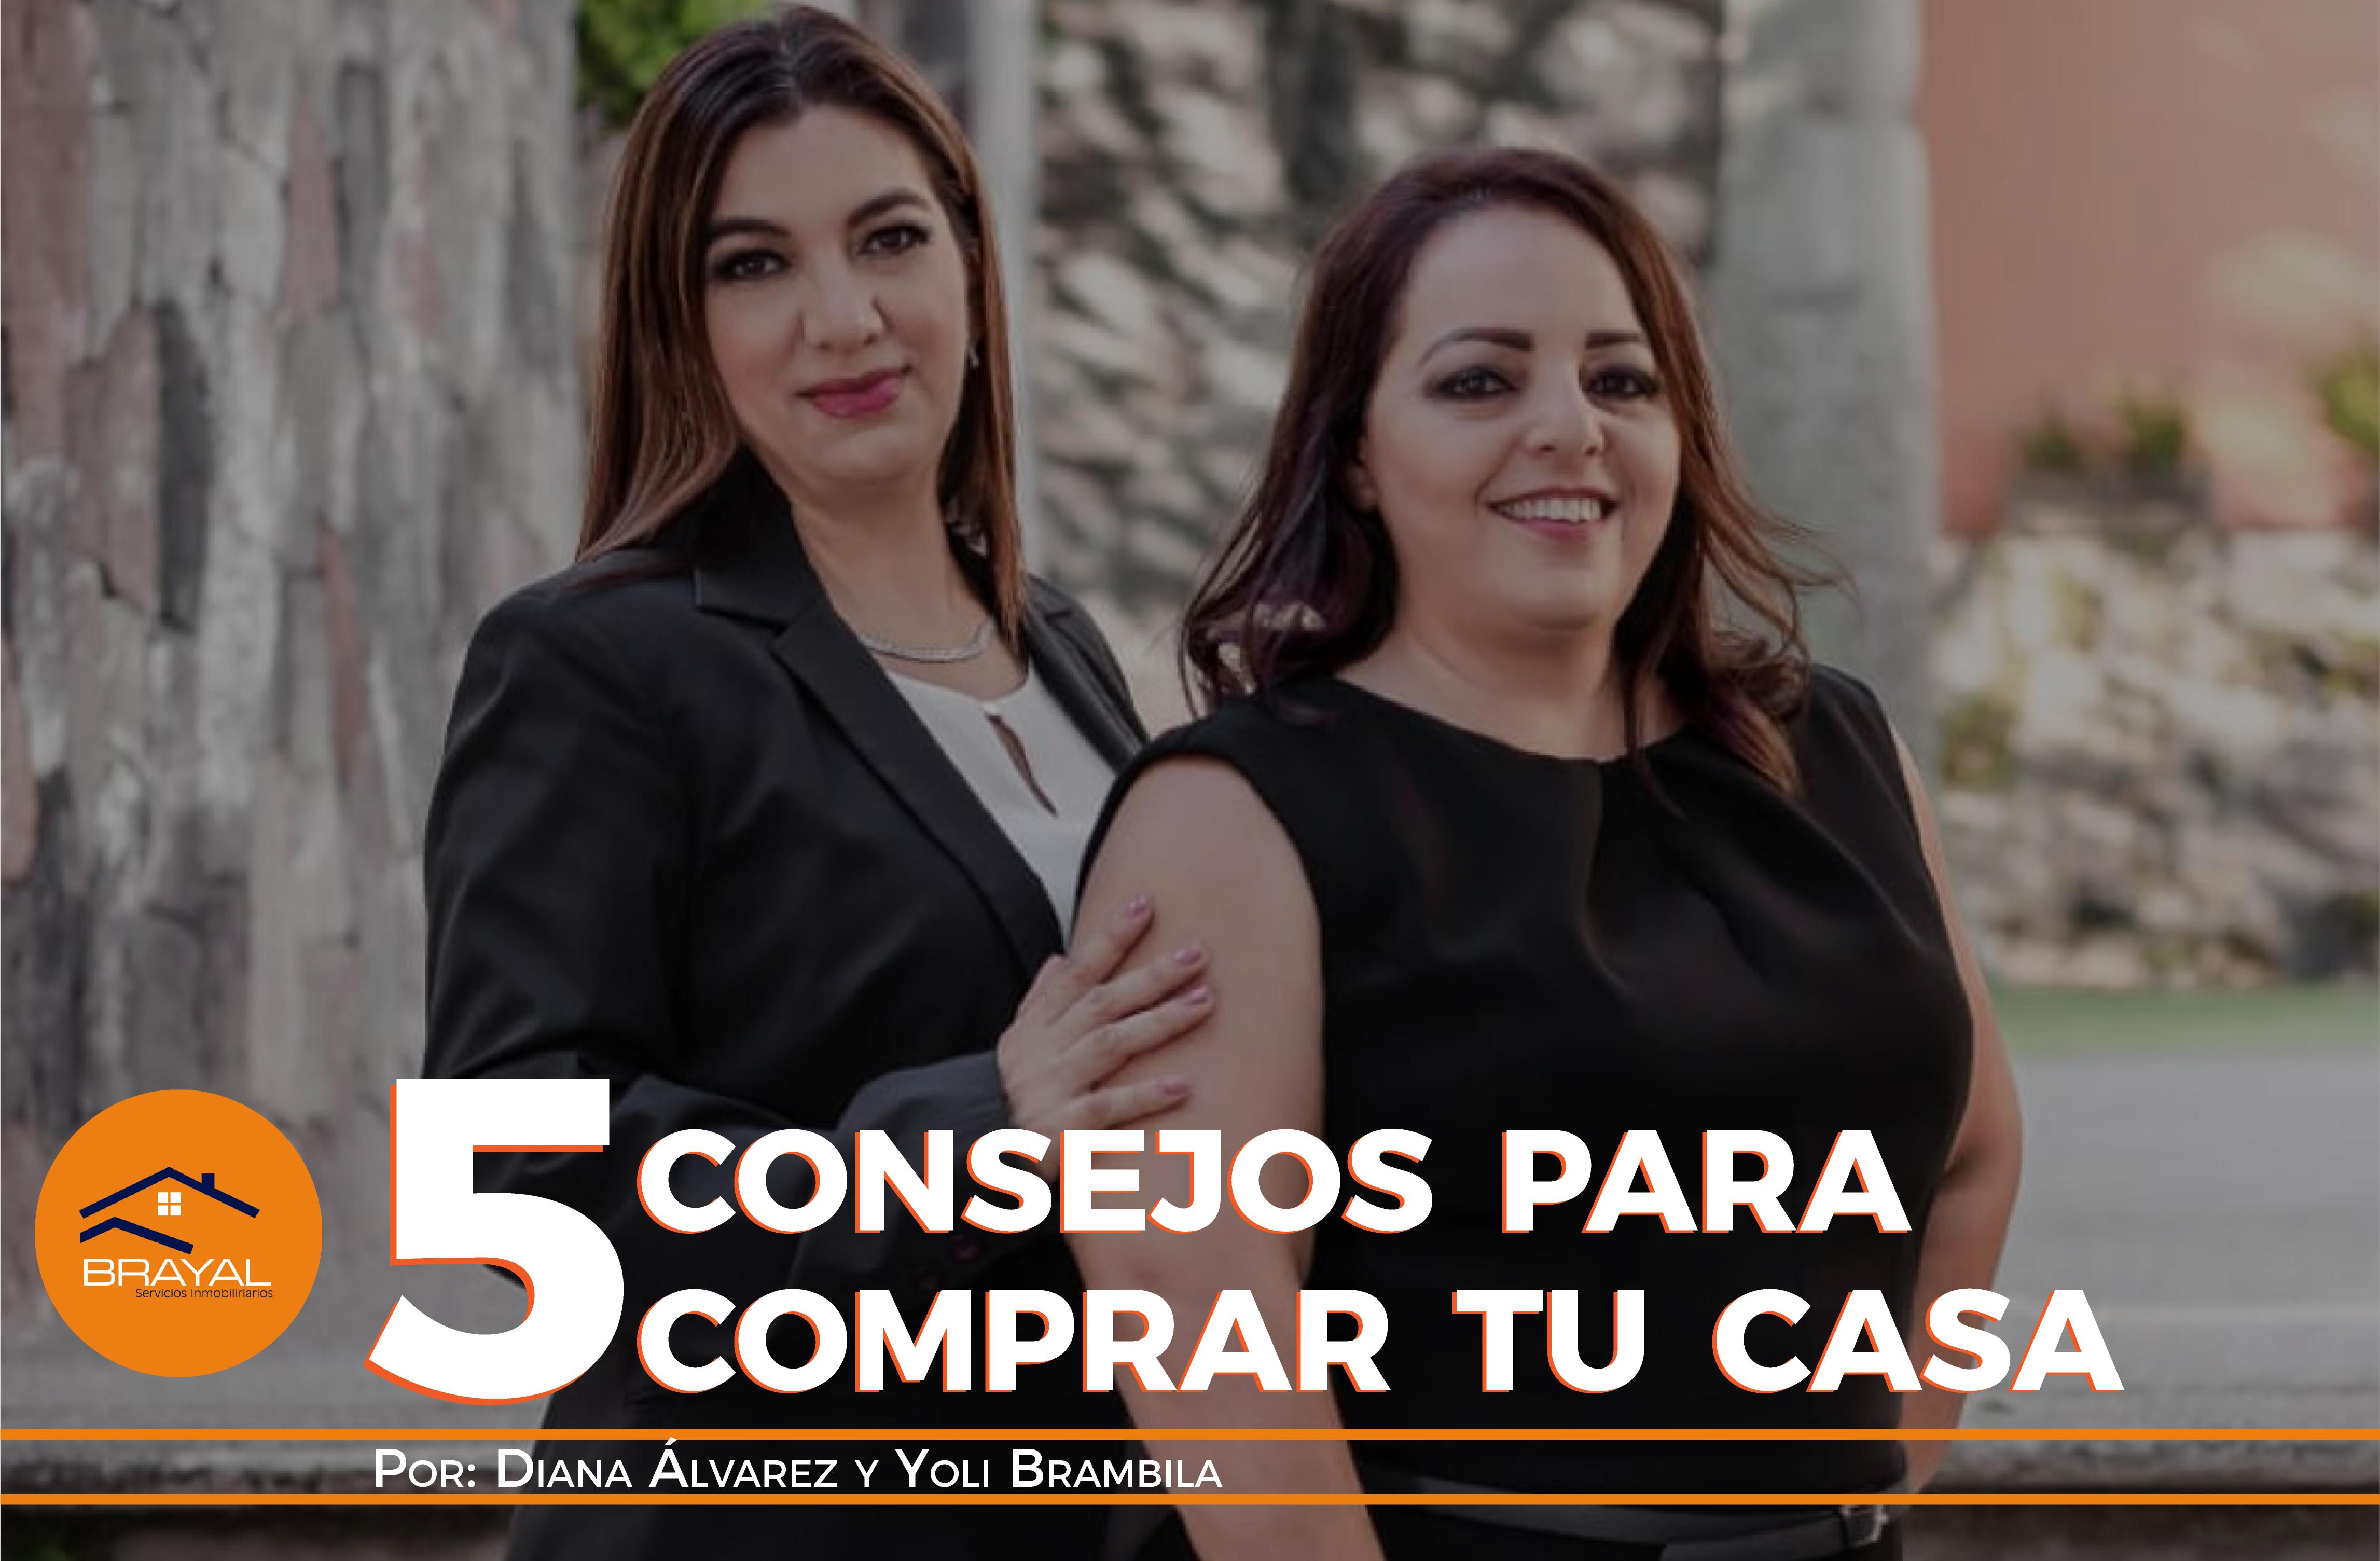 articulo_brayal_Mesa_de_trabajo_1.png